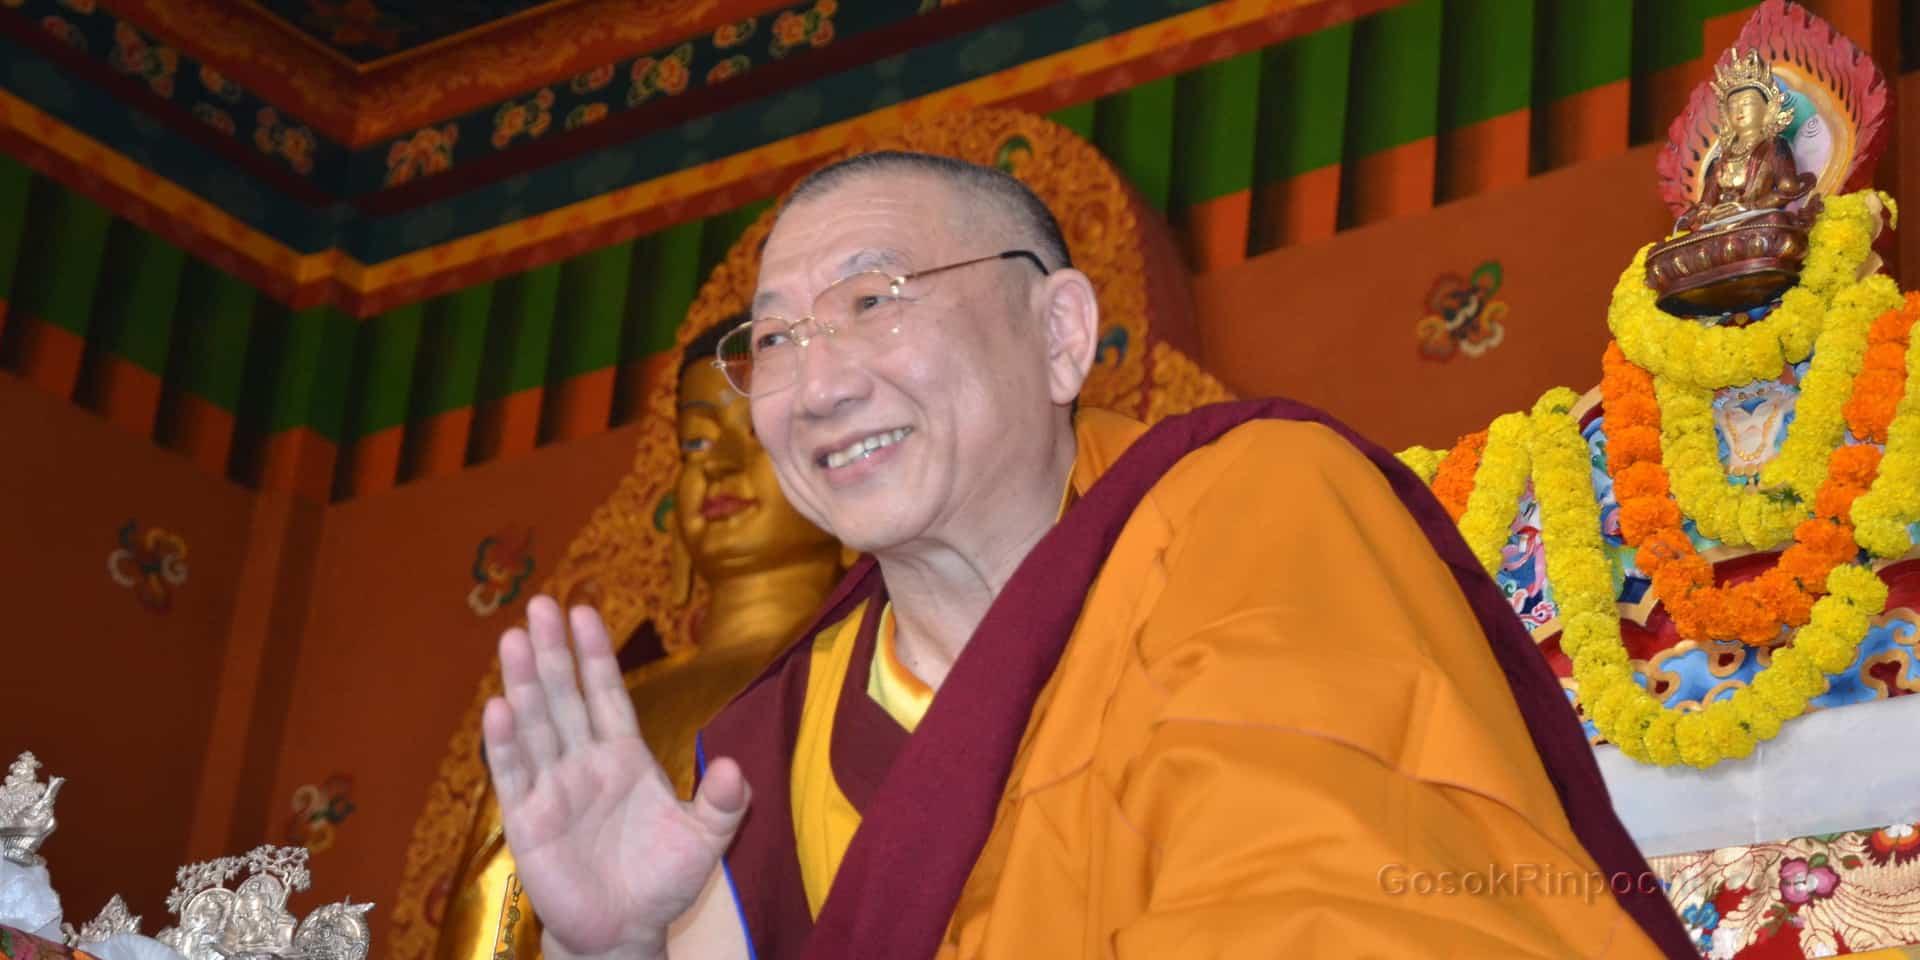 Gosok Rinpoche India 2012 DSC0678 1920